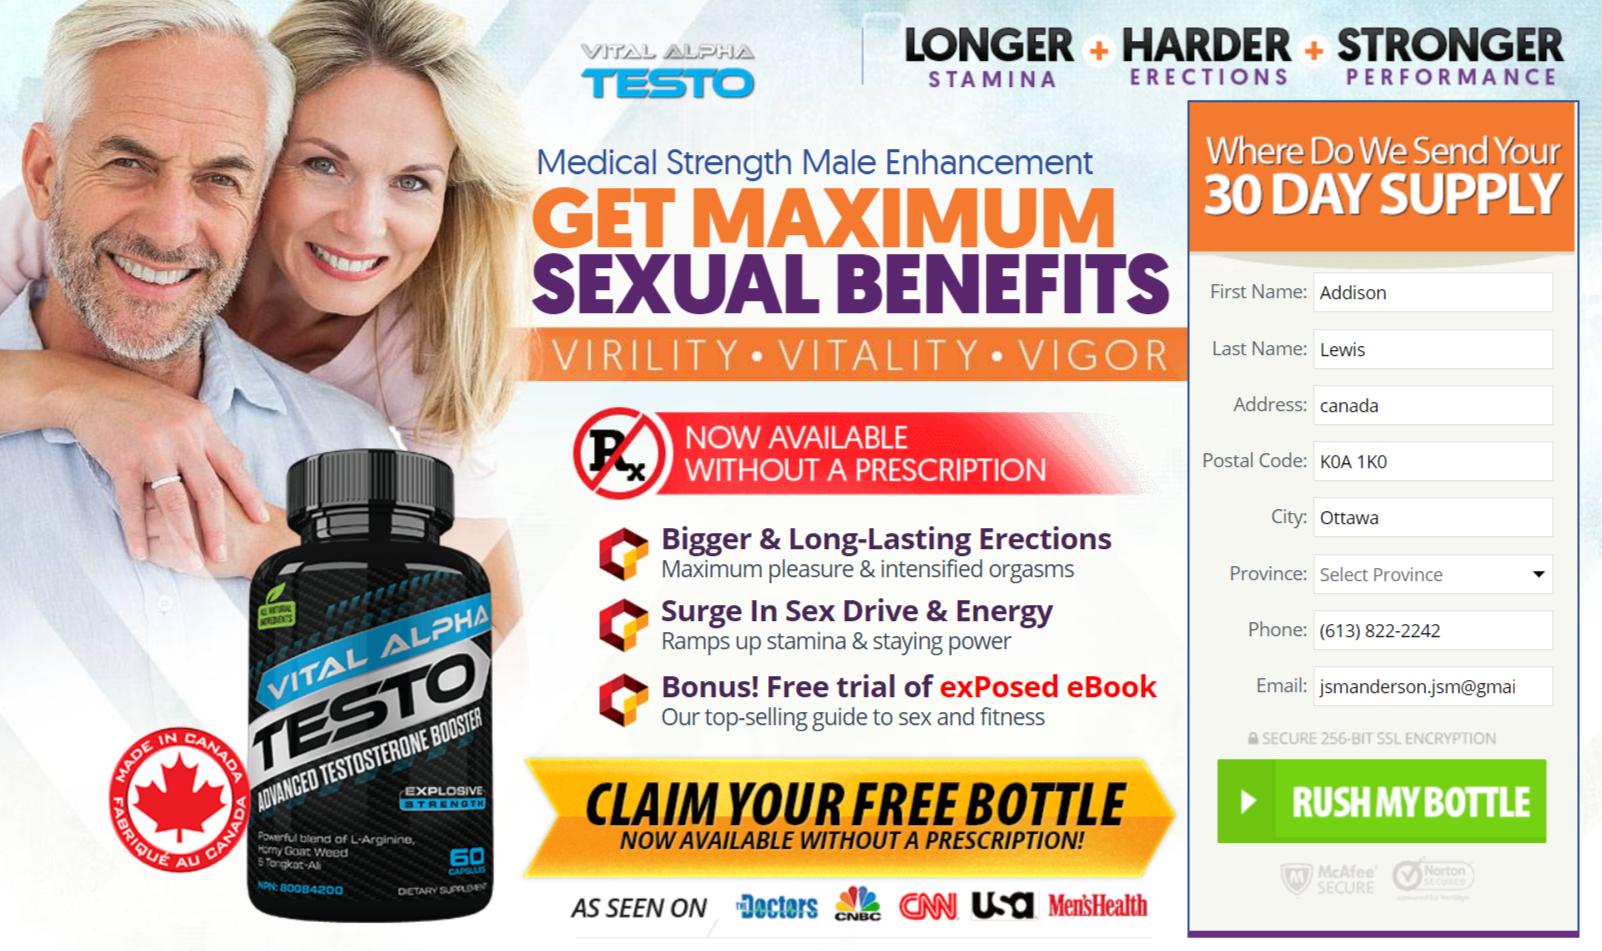 Buy Vital Alpha Testo In Canada